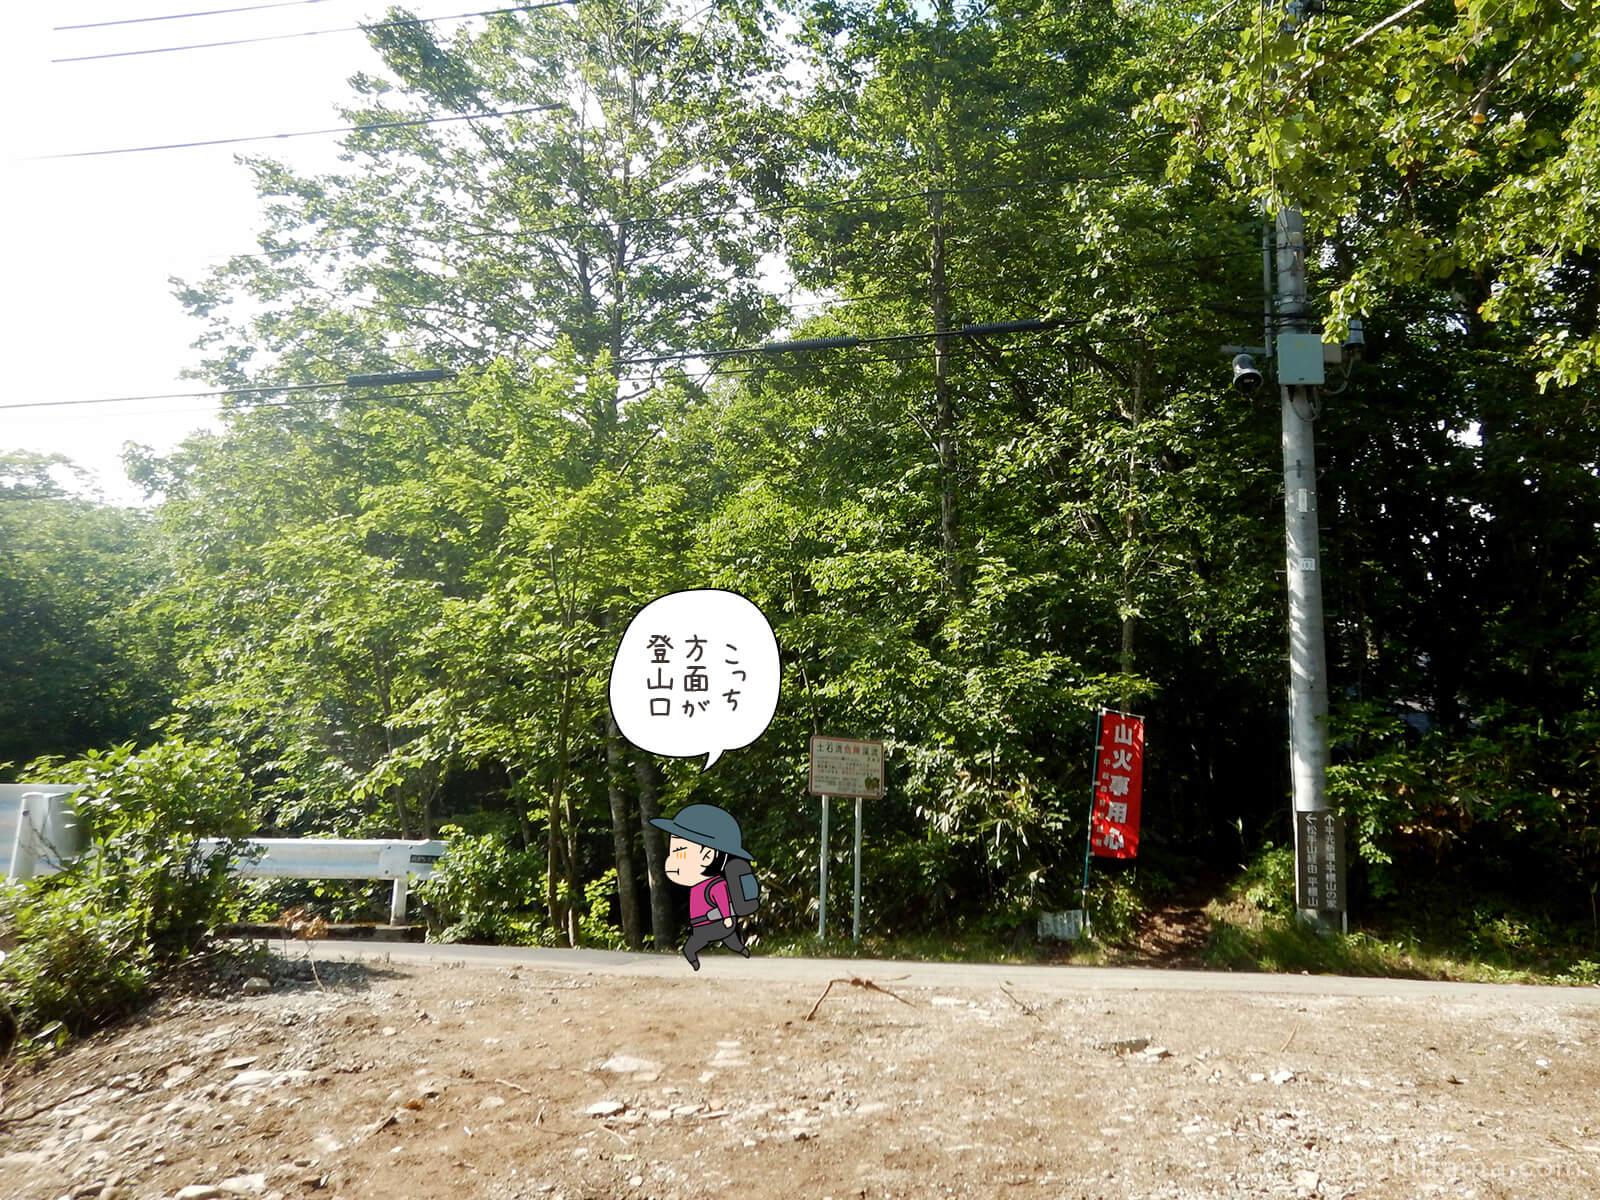 松手山コース登山口へ向かう